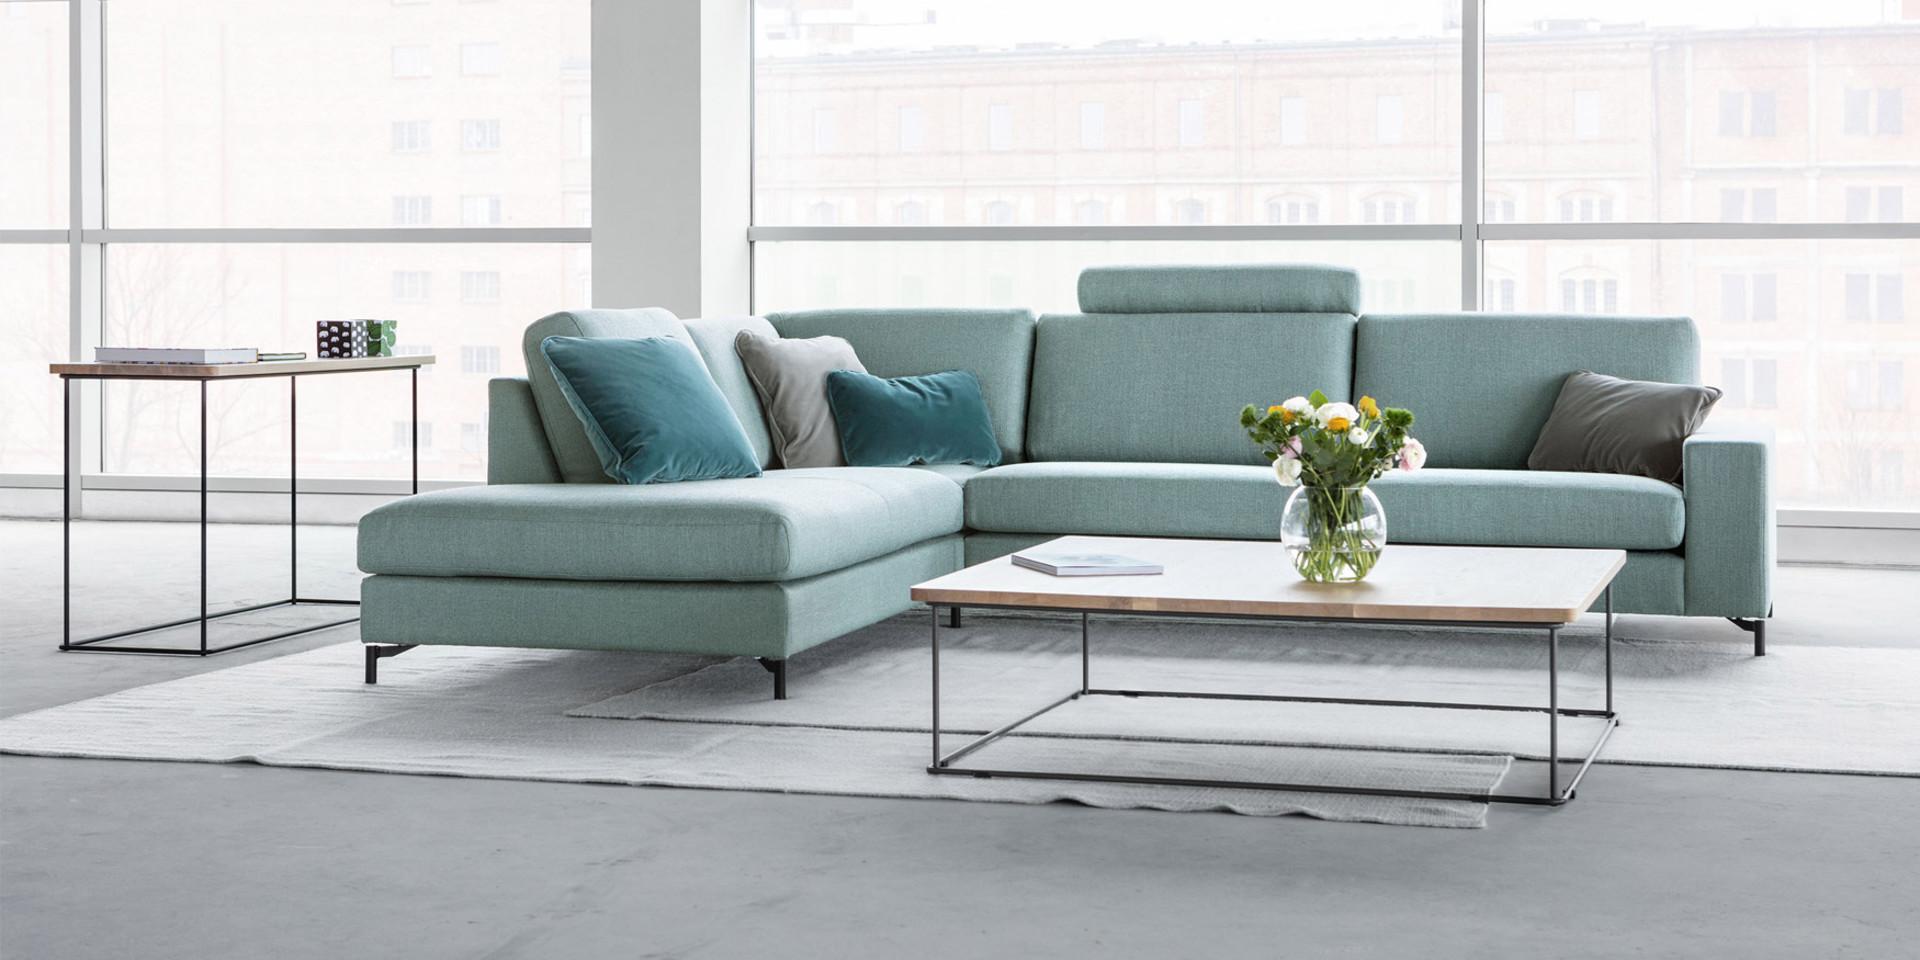 Canapé contemporain bleu Quattro set14 tissus bermuda7 light turquoise 3